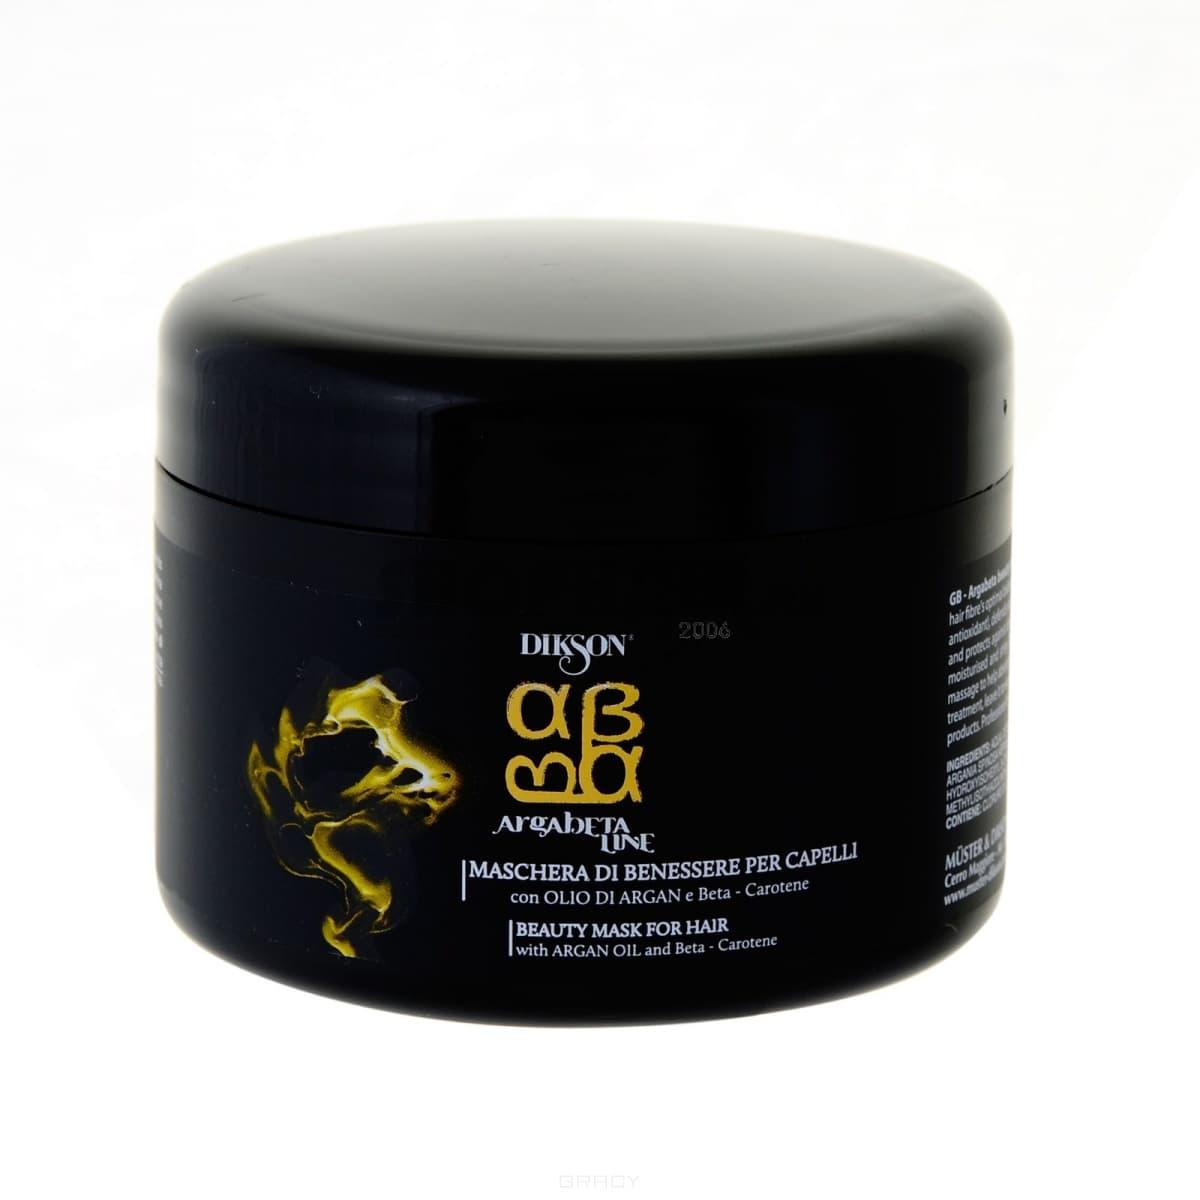 Dikson, Маска для волос восстанавливающая, питательная на основе масла Аргана с Beta-Carotene ArgaBeta Beauty Mask, 250 млМаски<br><br>